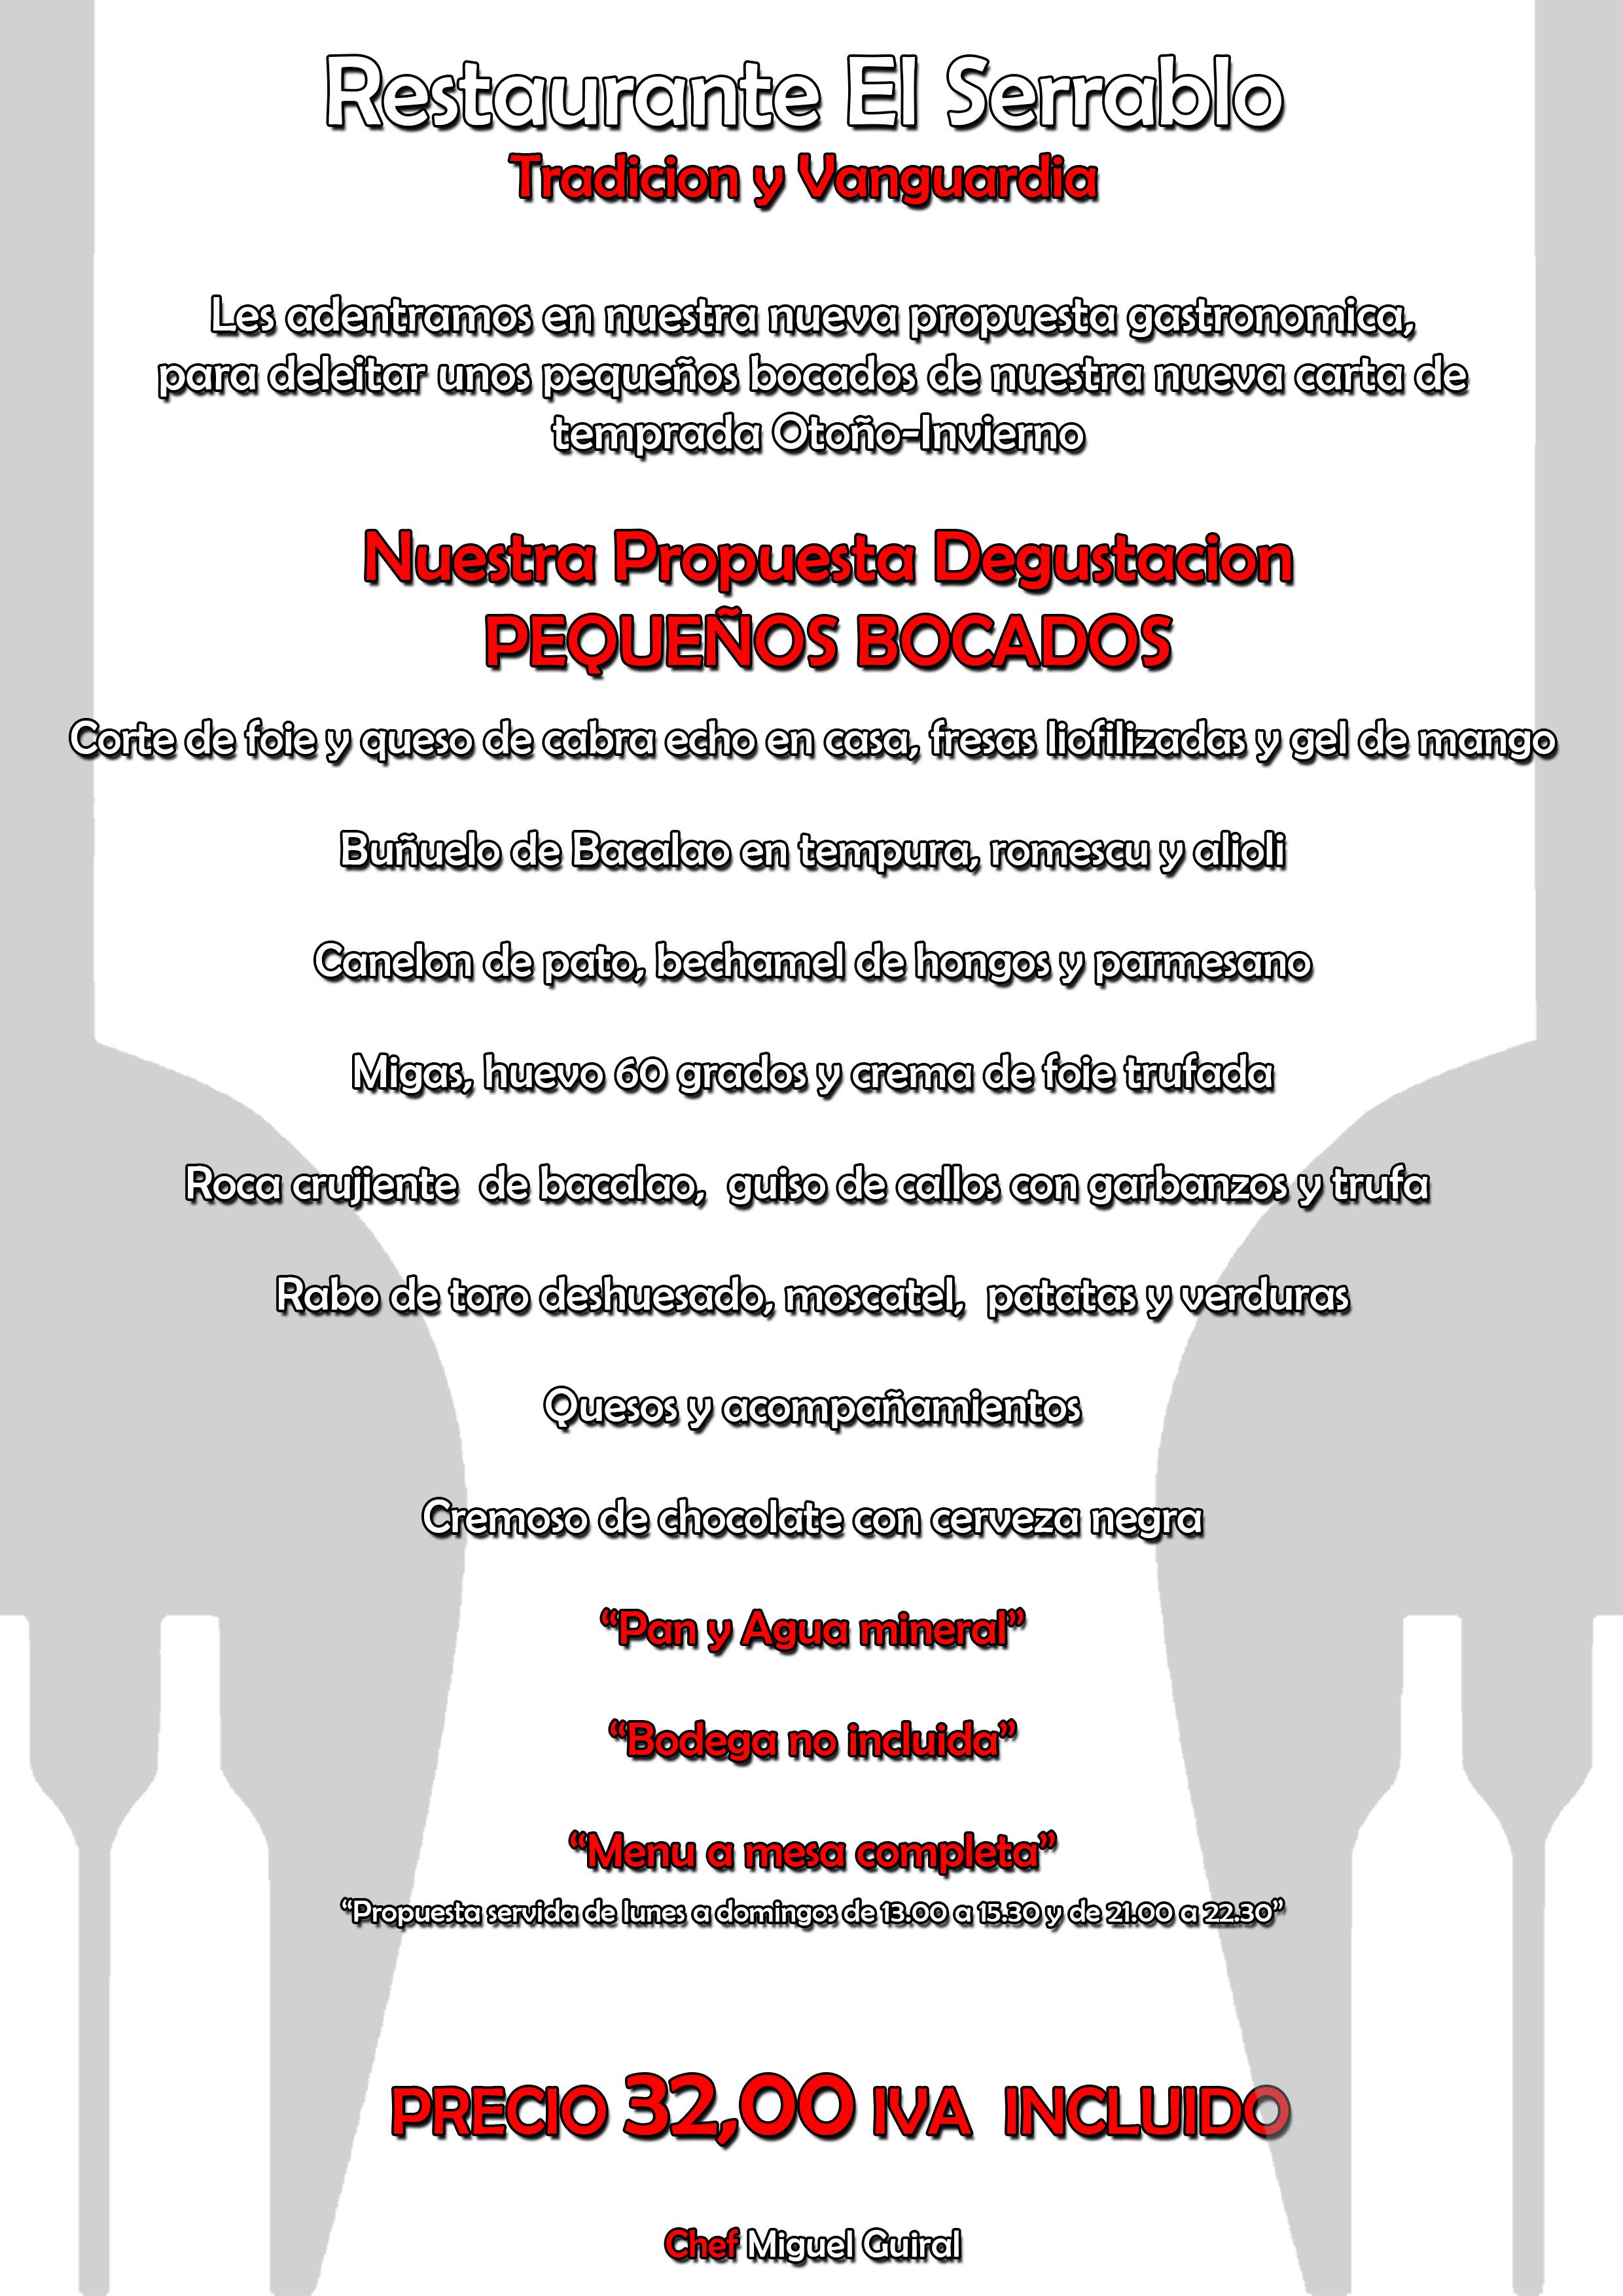 serrablo-menu-degustacion